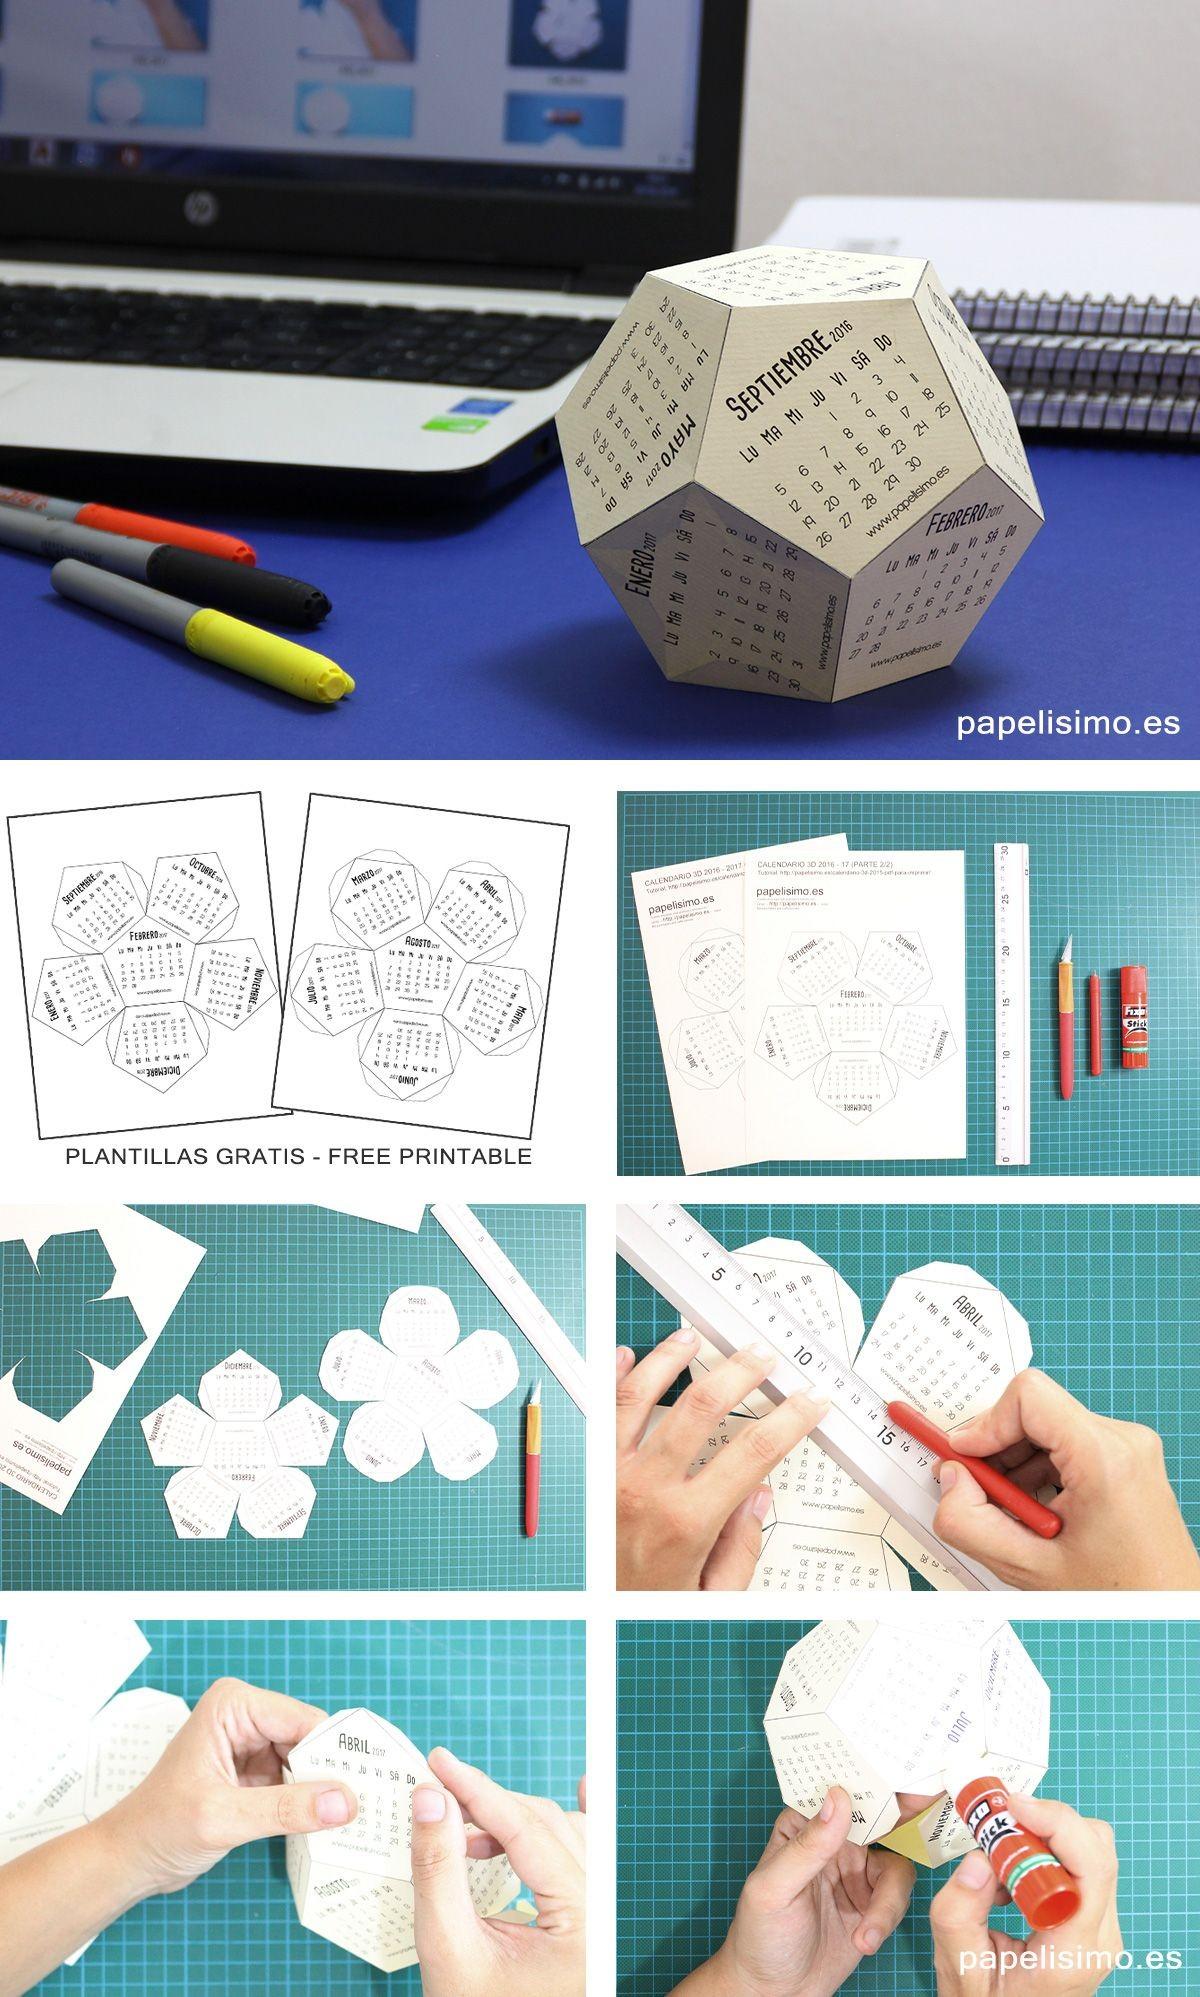 Calendario escolar 3D 2016 2017 de papel listo para descargar imprimir recortar y pegar Plantillas imprimibles dos archivos diferentes en pdf